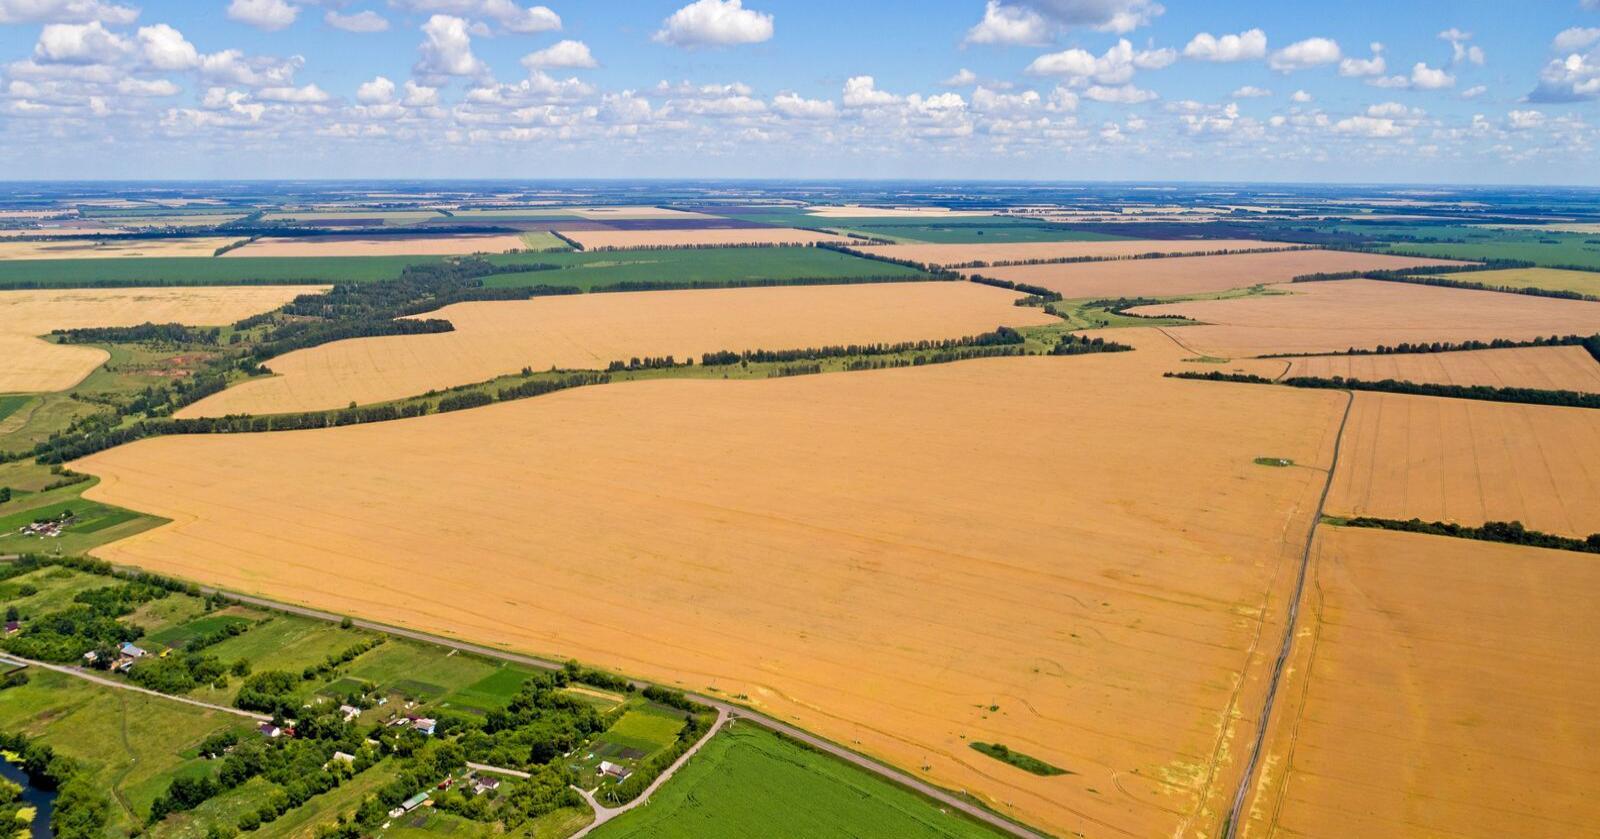 Russland er verdens største eksportør av korn, og eksporterer over en femtedel av all korn i verden. Foto: Mostphotos